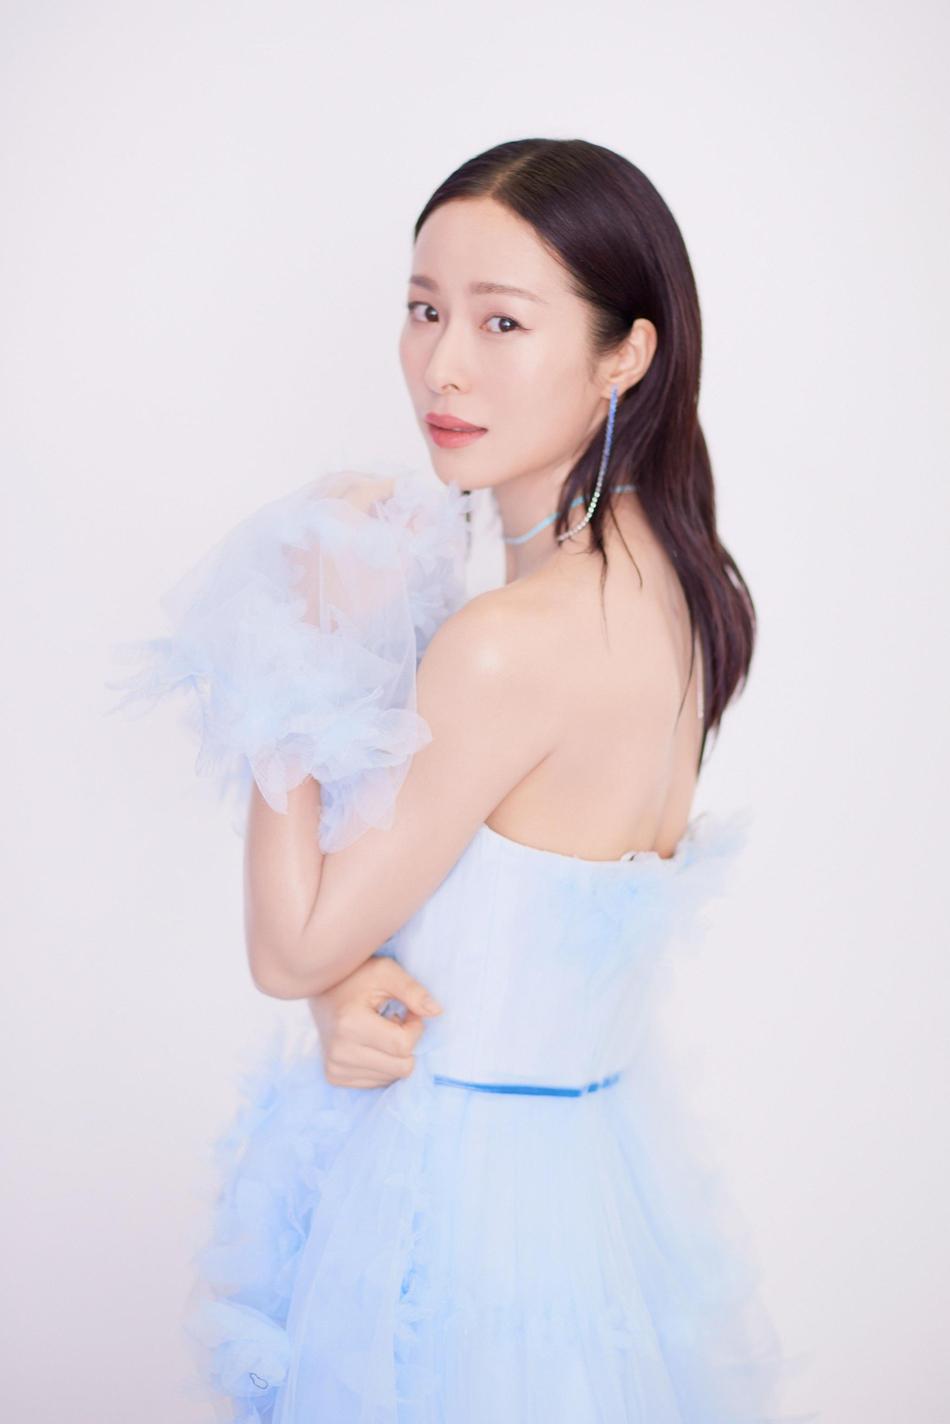 江一燕现身品牌活动 纱花点缀蓝色蛋糕裙气质超仙美